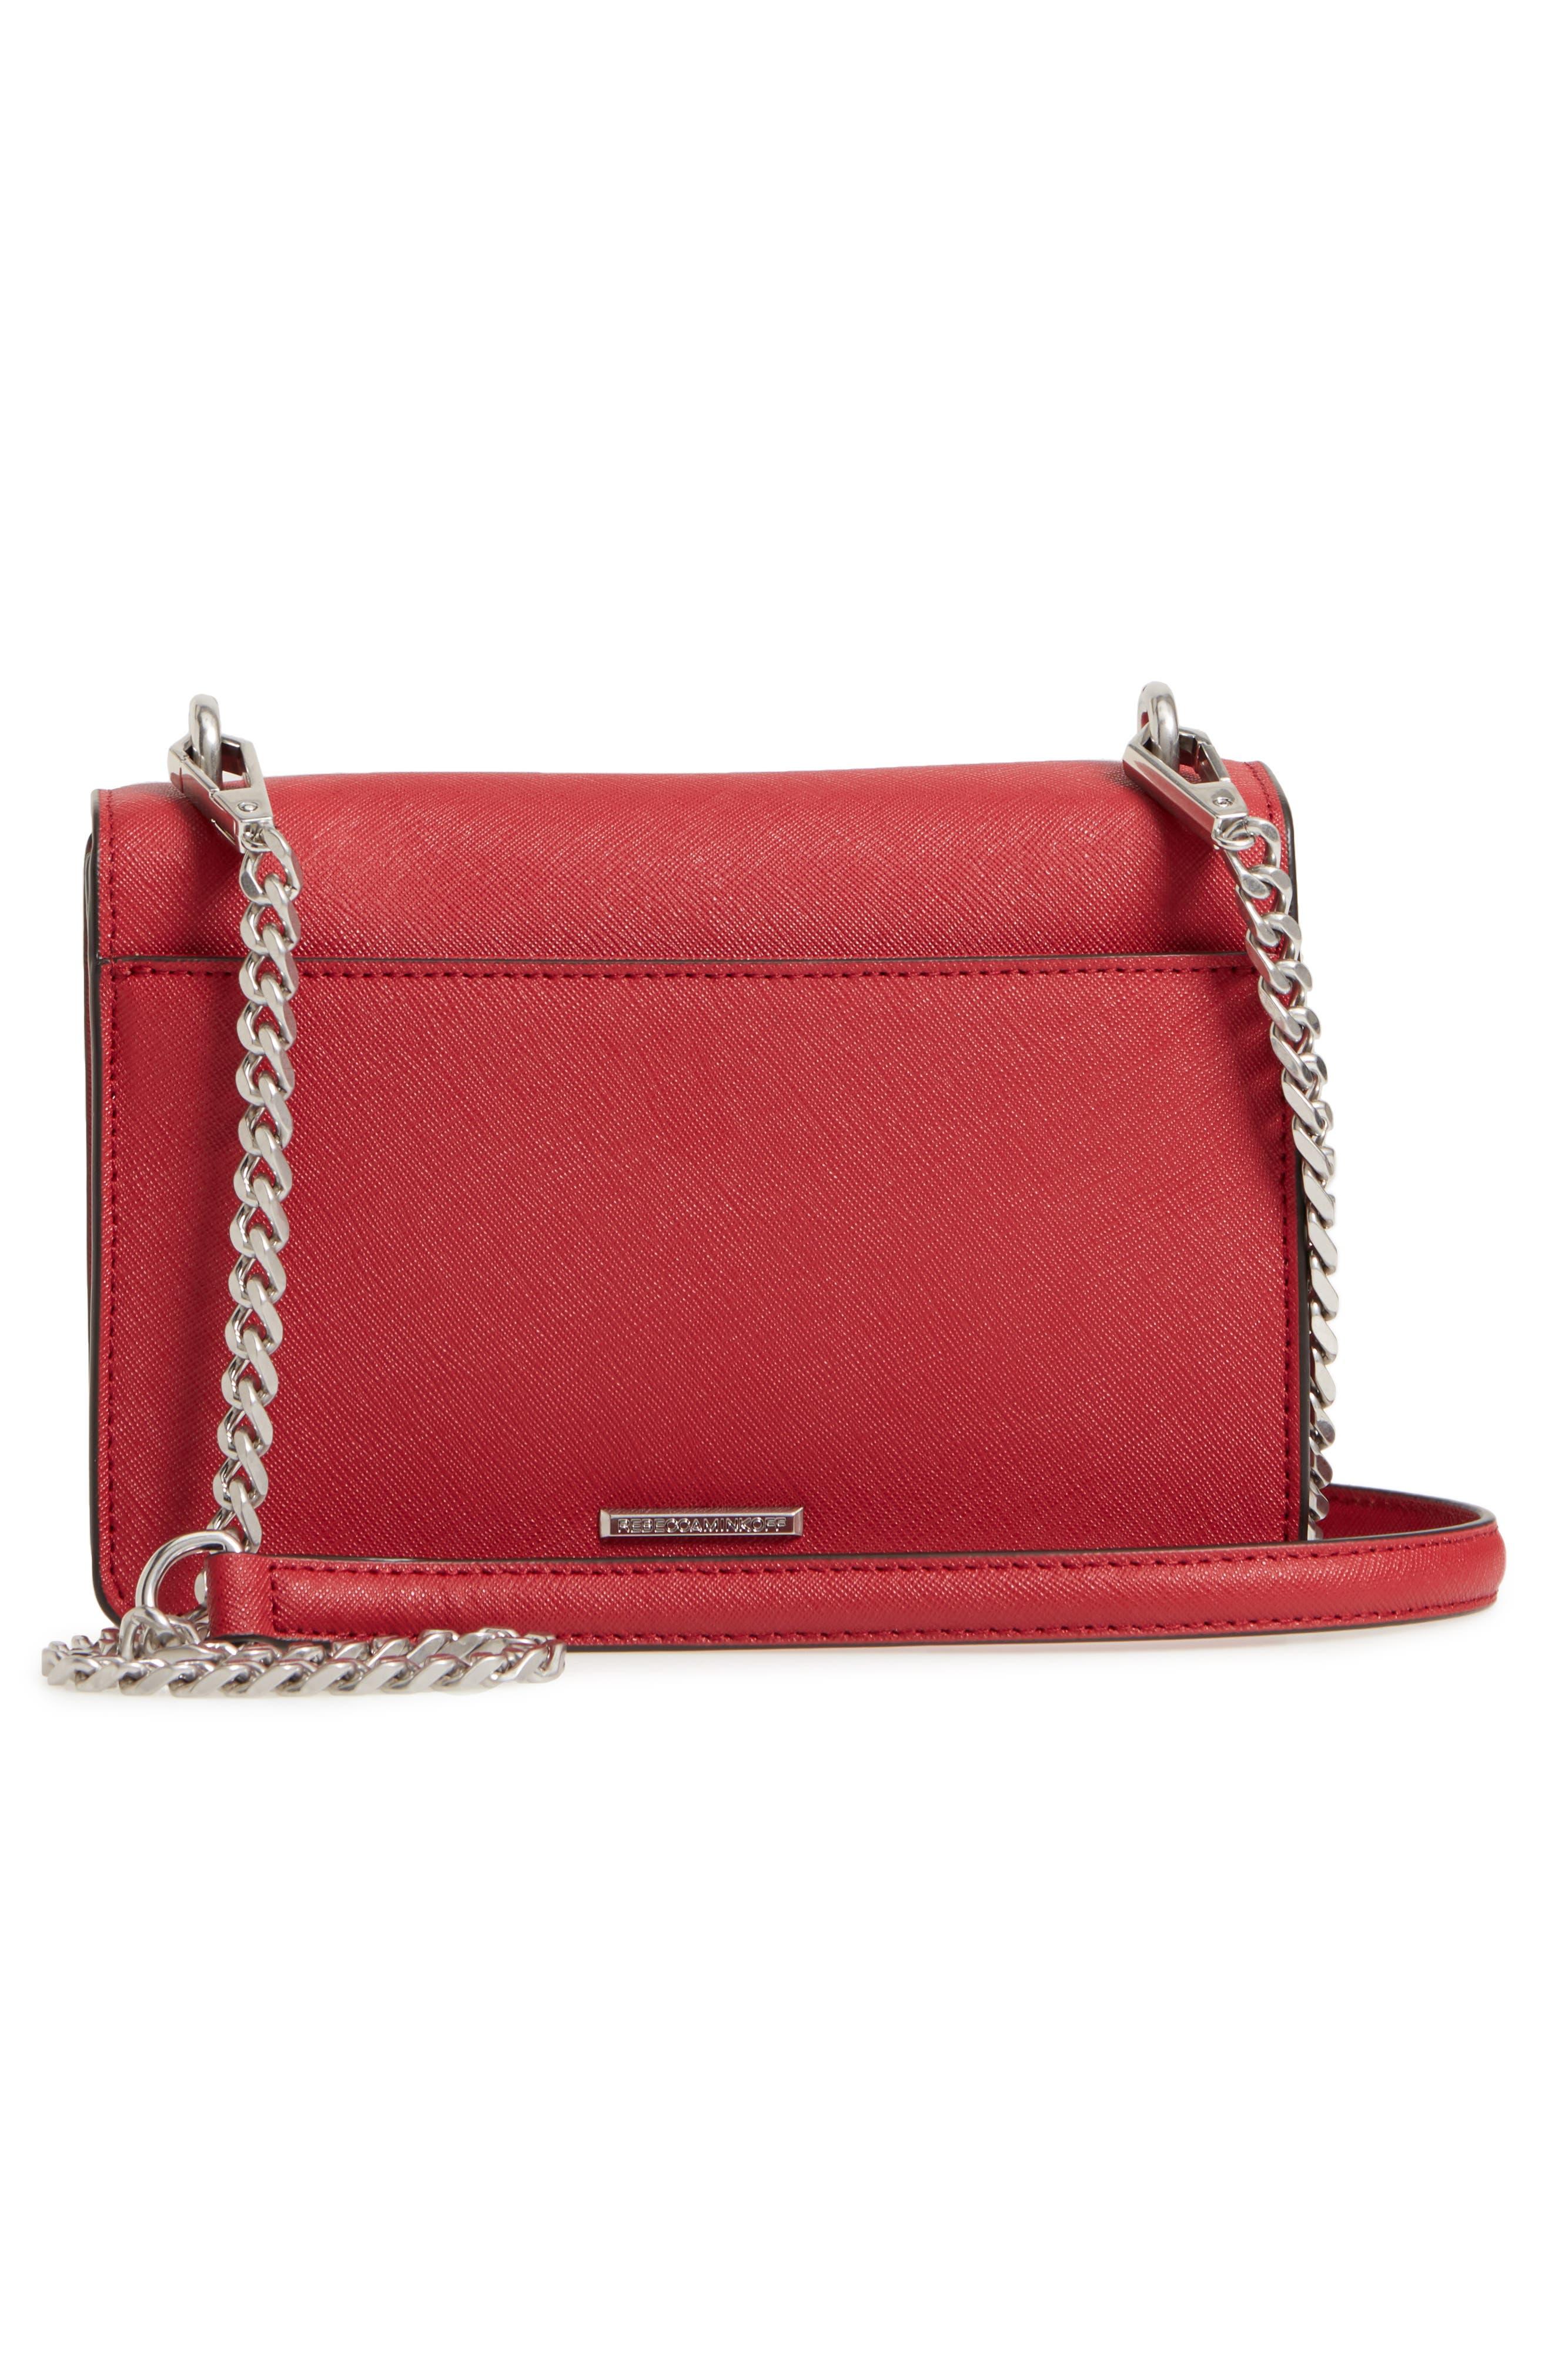 Medium Christy Leather Shoulder Bag,                             Alternate thumbnail 14, color,